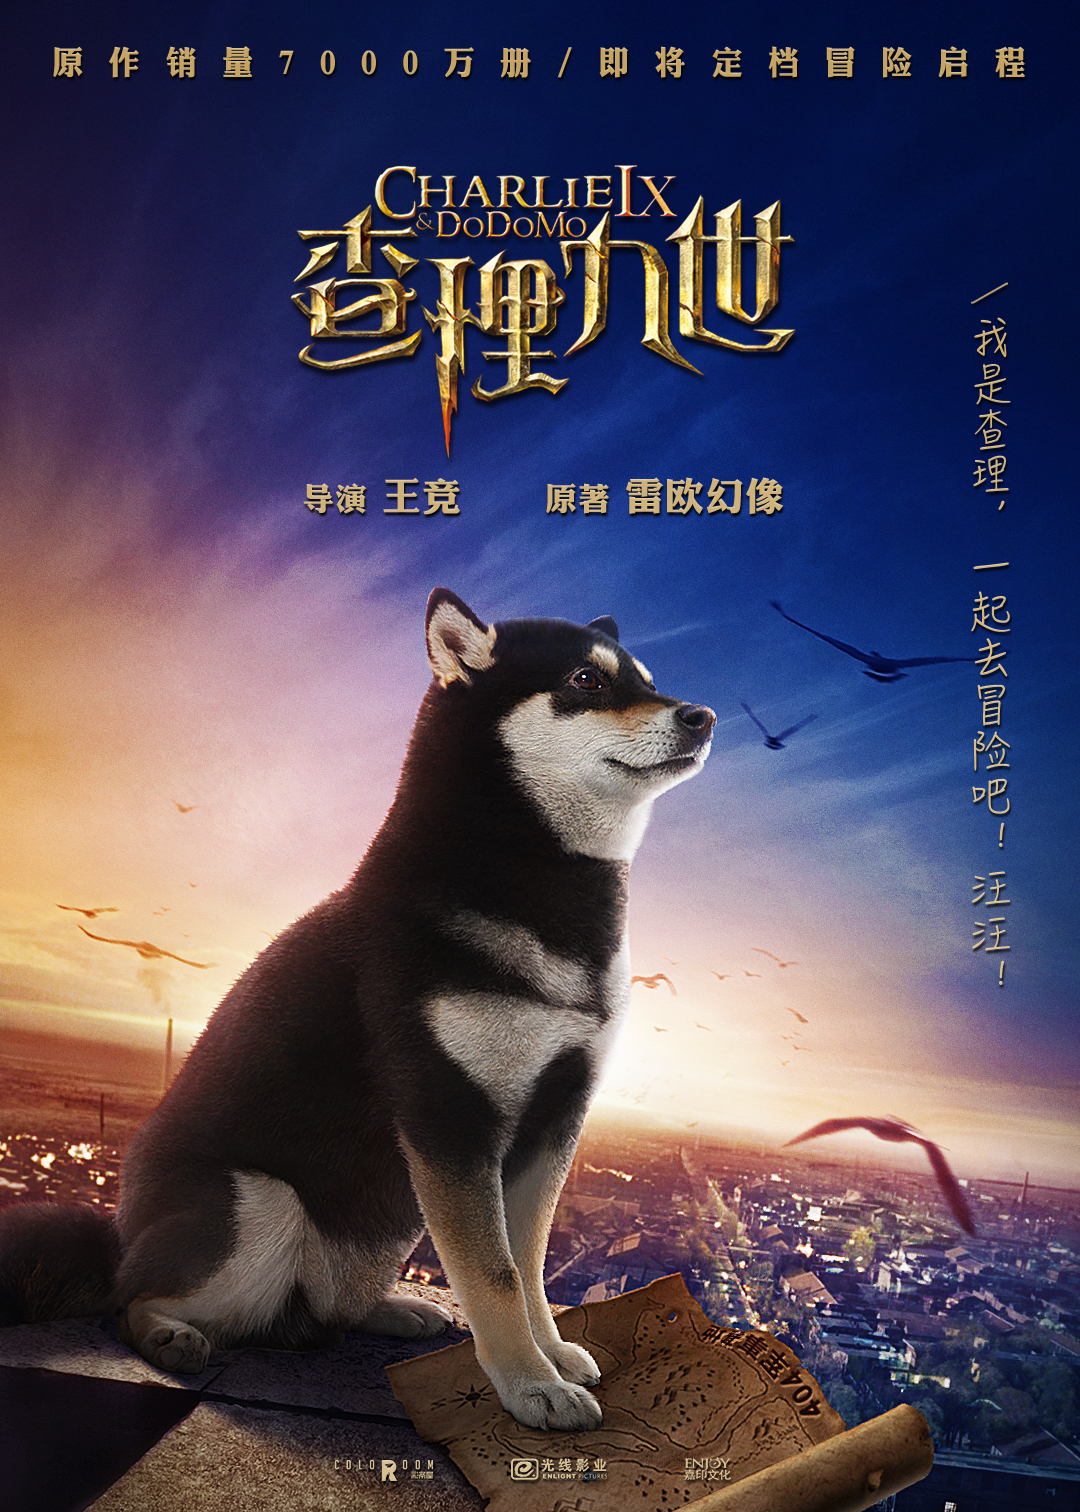 电影�:(_真人电影《查理九世》发海报 狗狗守护少年冒险团